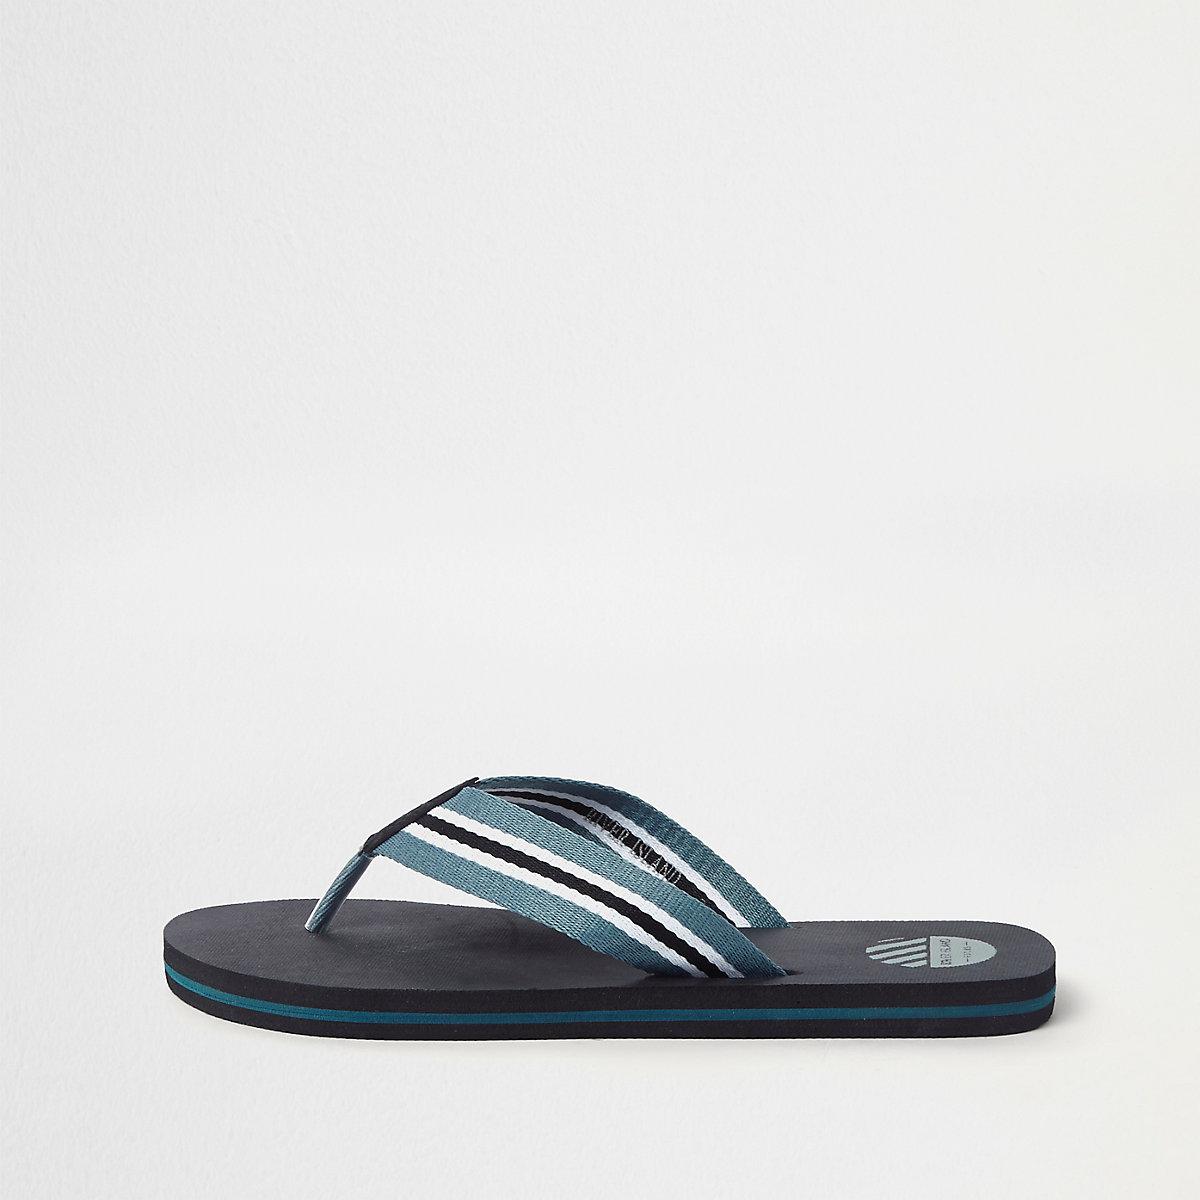 1c8919dbe Black stripe canvas flip flops - Sandals   Flip flops - Shoes   Boots - men